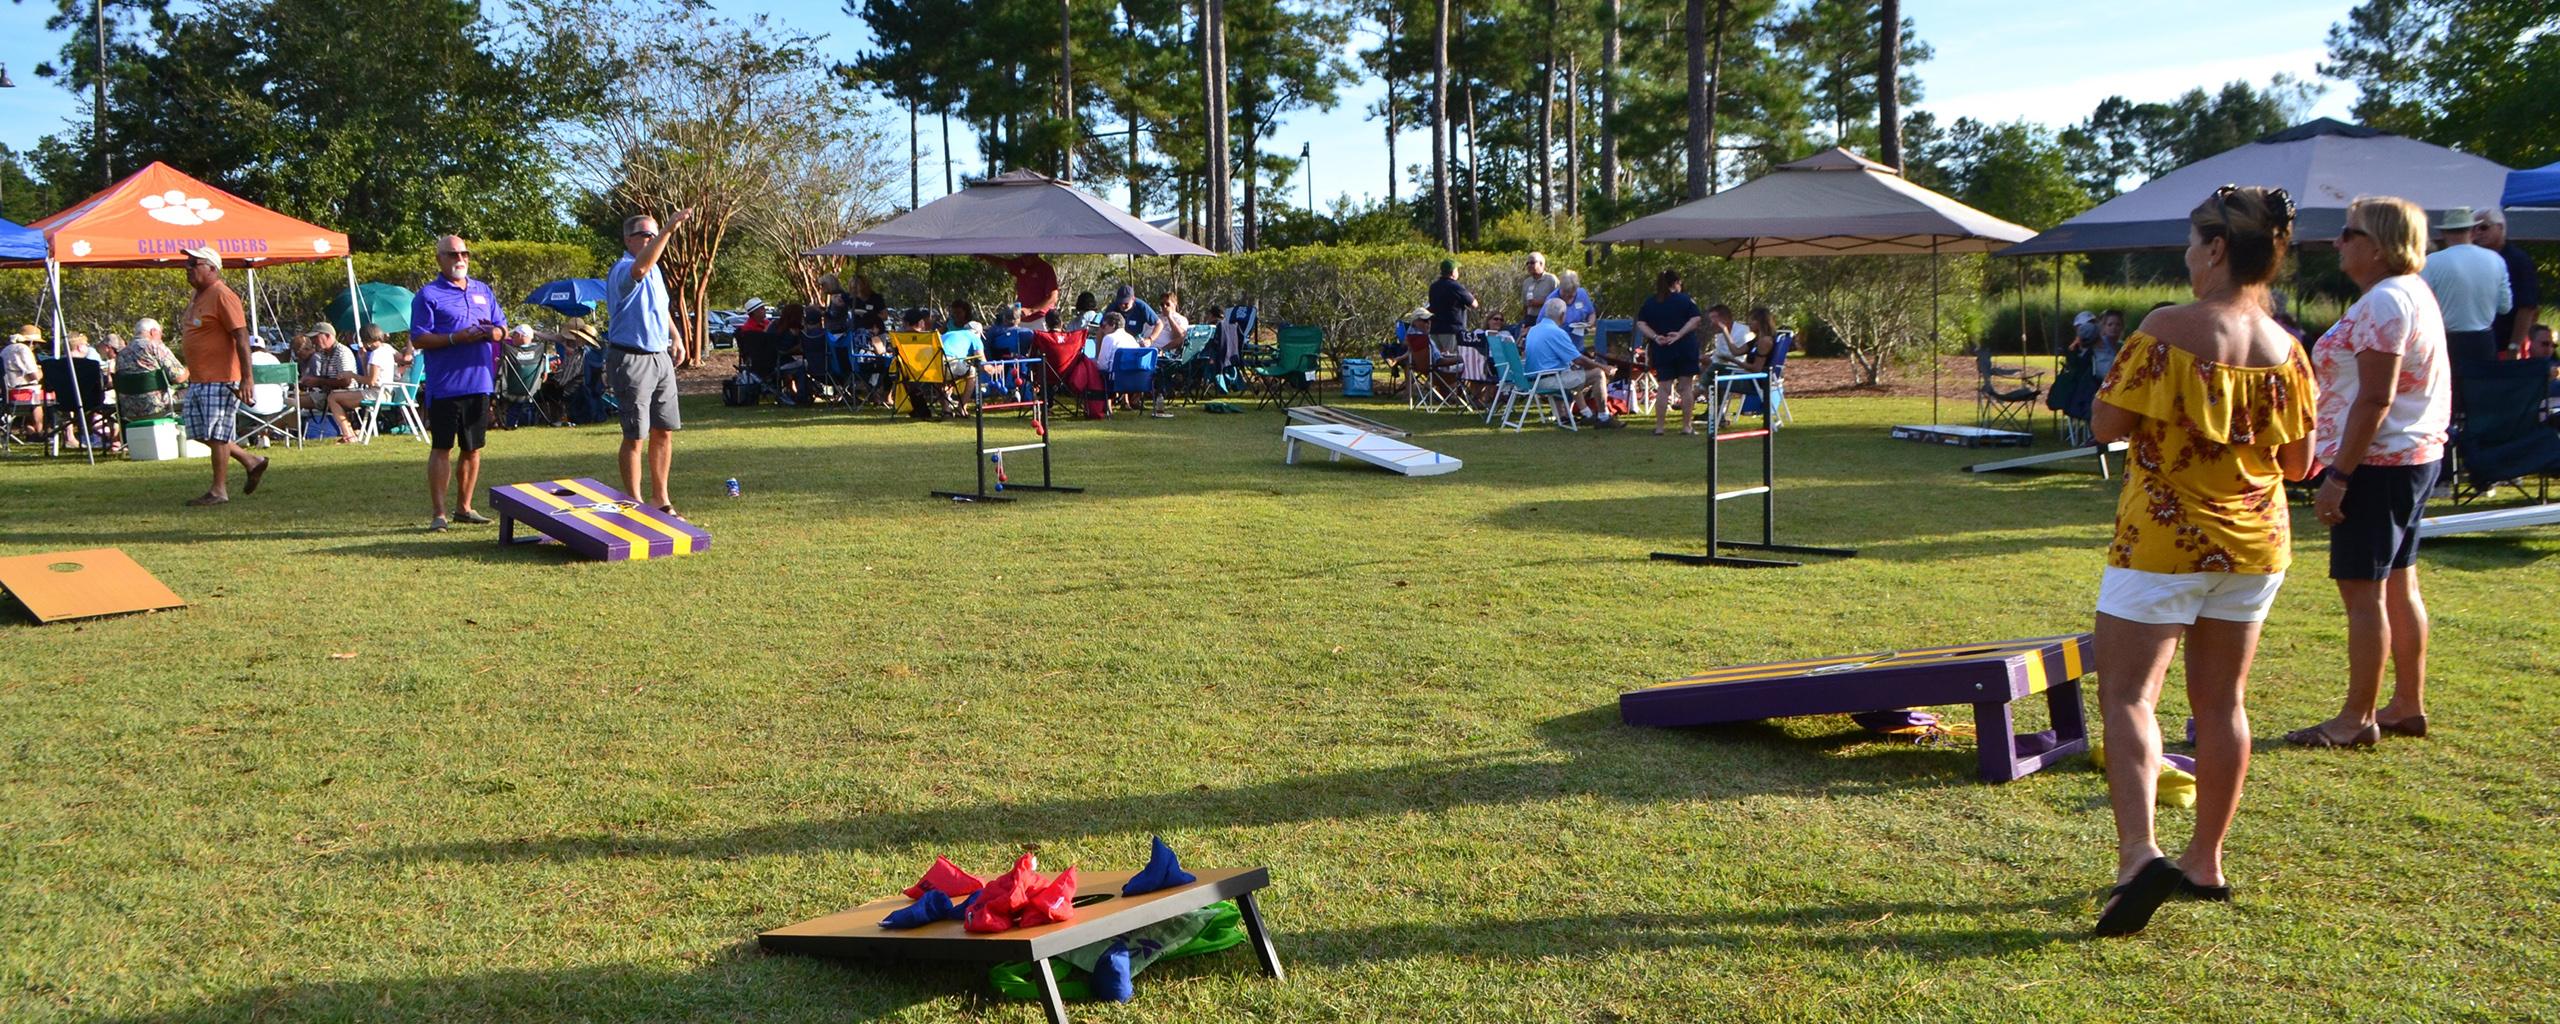 outdoor park concert